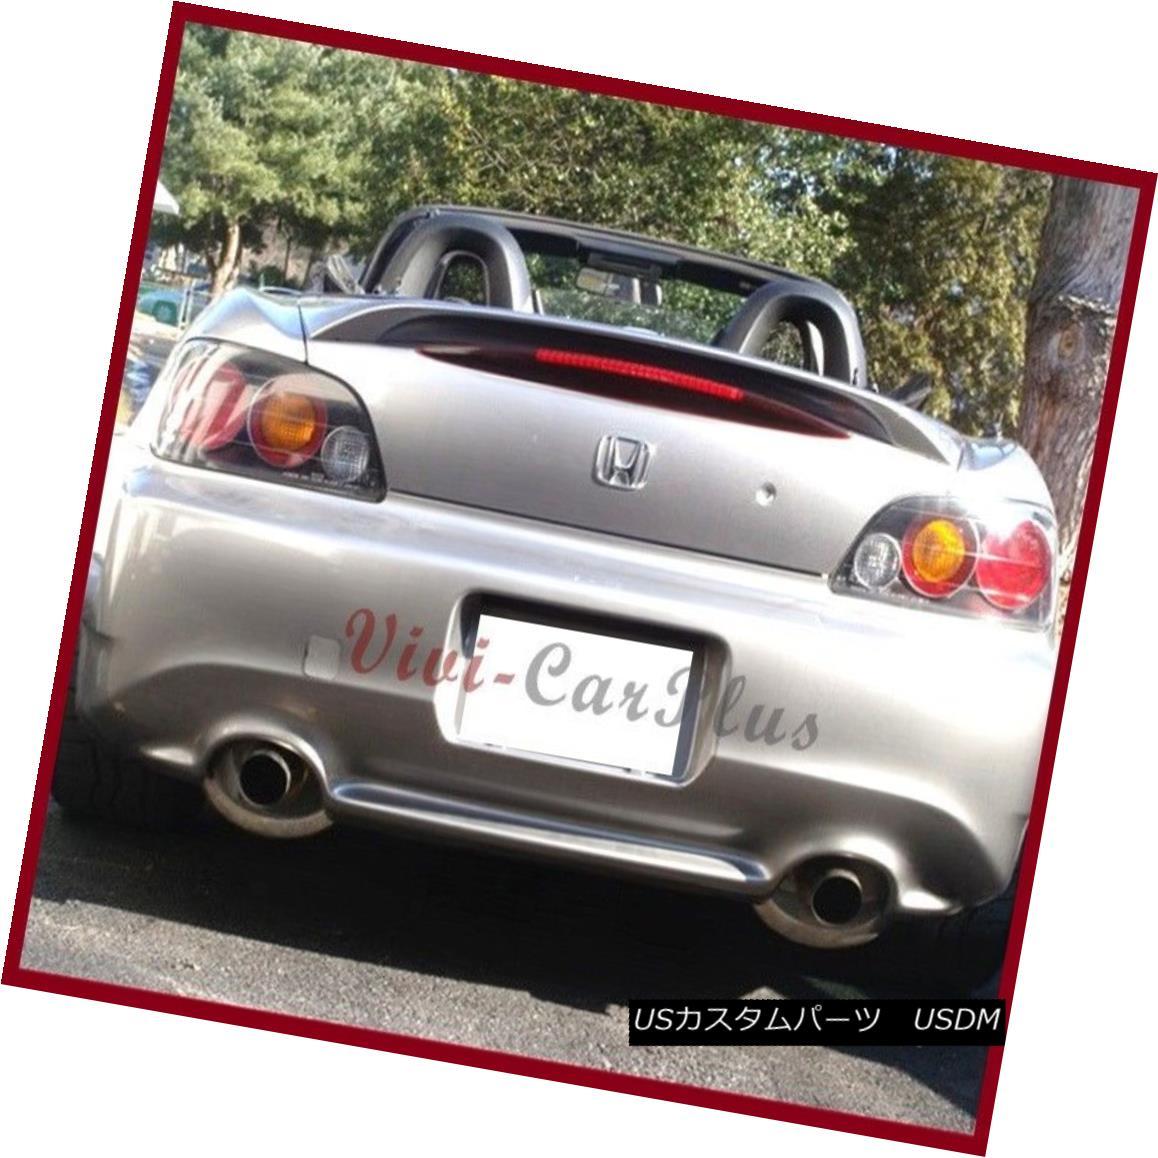 エアロパーツ Pick Color 2000-2009 Honda S2000 OE Style Trunk Boot Spoiler Wing Lip AP1 AP2 ピックカラー2000-2009ホンダS2000 OEスタイルトランクブーツスポイラーウイングリップAP1 AP2